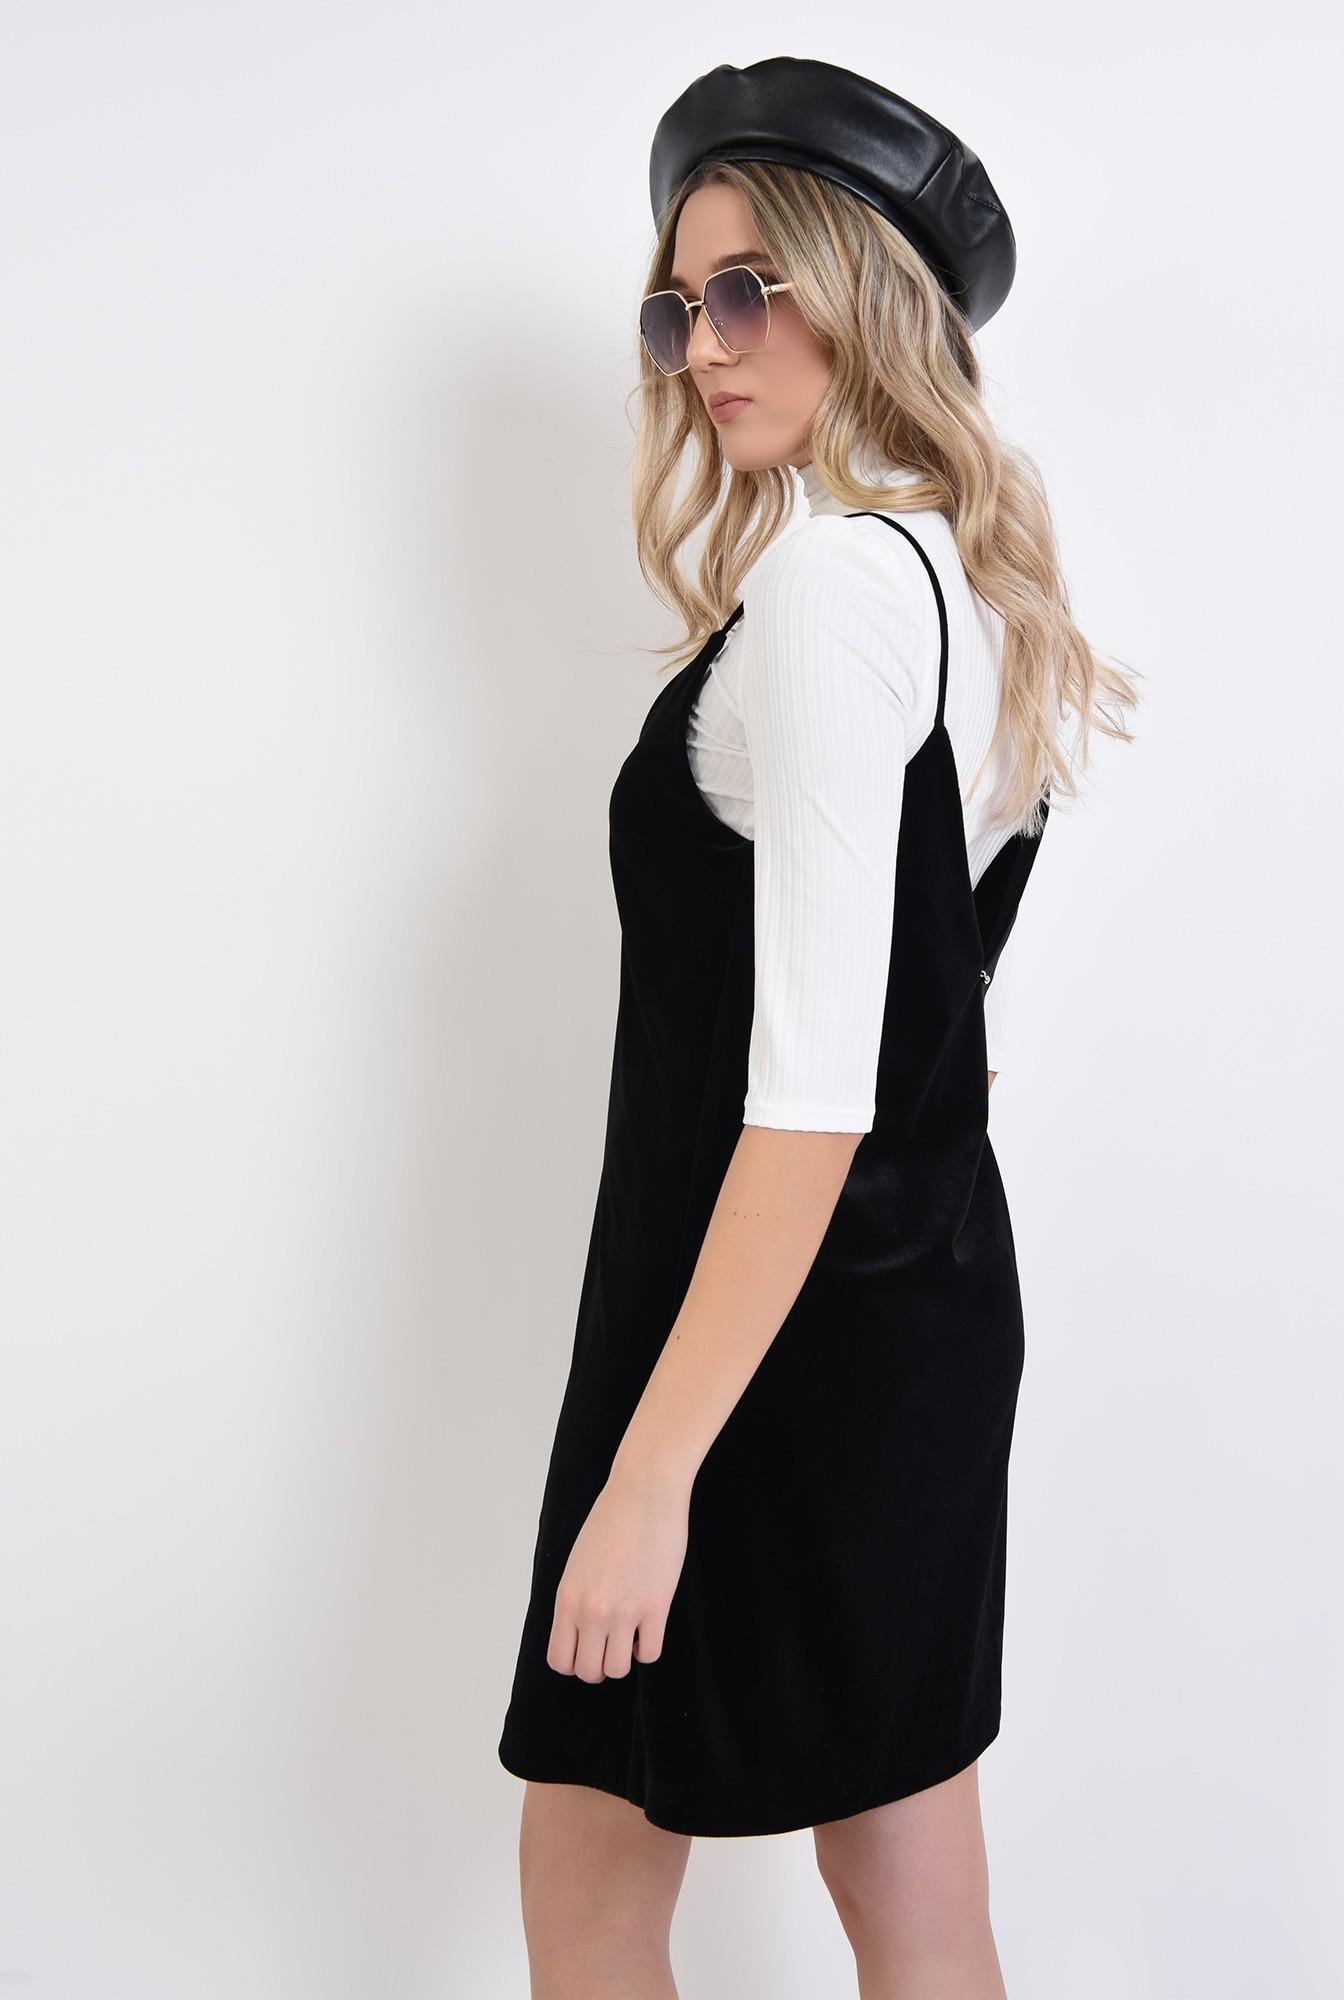 0 - rochie furou, neagra, din catifea, Poema